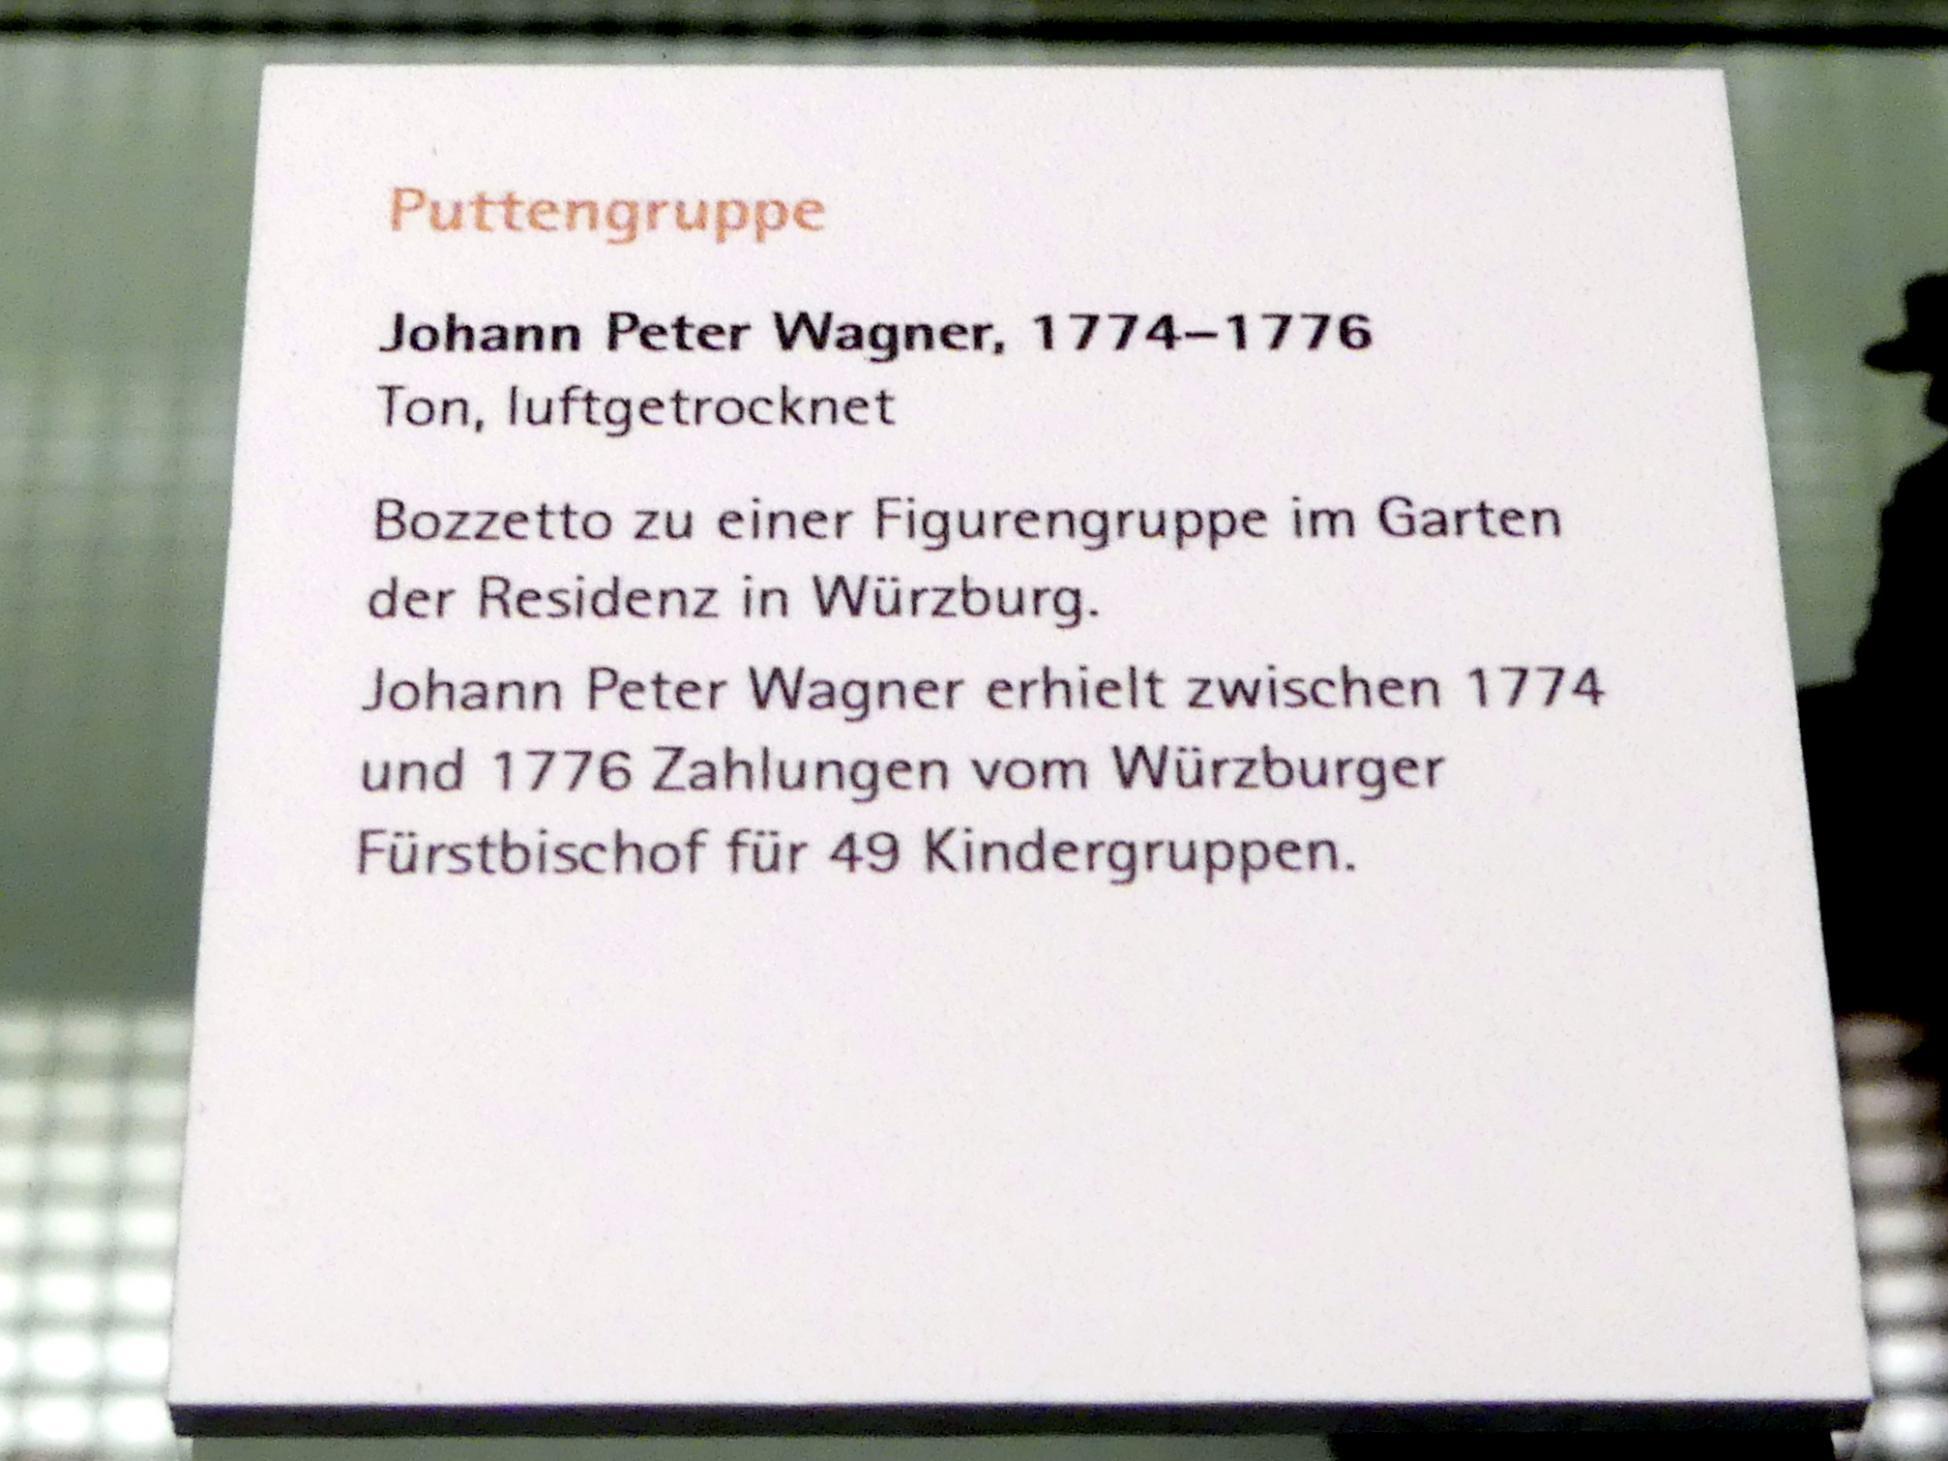 Johann Peter Wagner: Bozzetto zu einer der Puttengruppen der nördlichen Wallbalustrade im Garten der Würzburger Residenz, 1774 - 1776, Bild 2/2